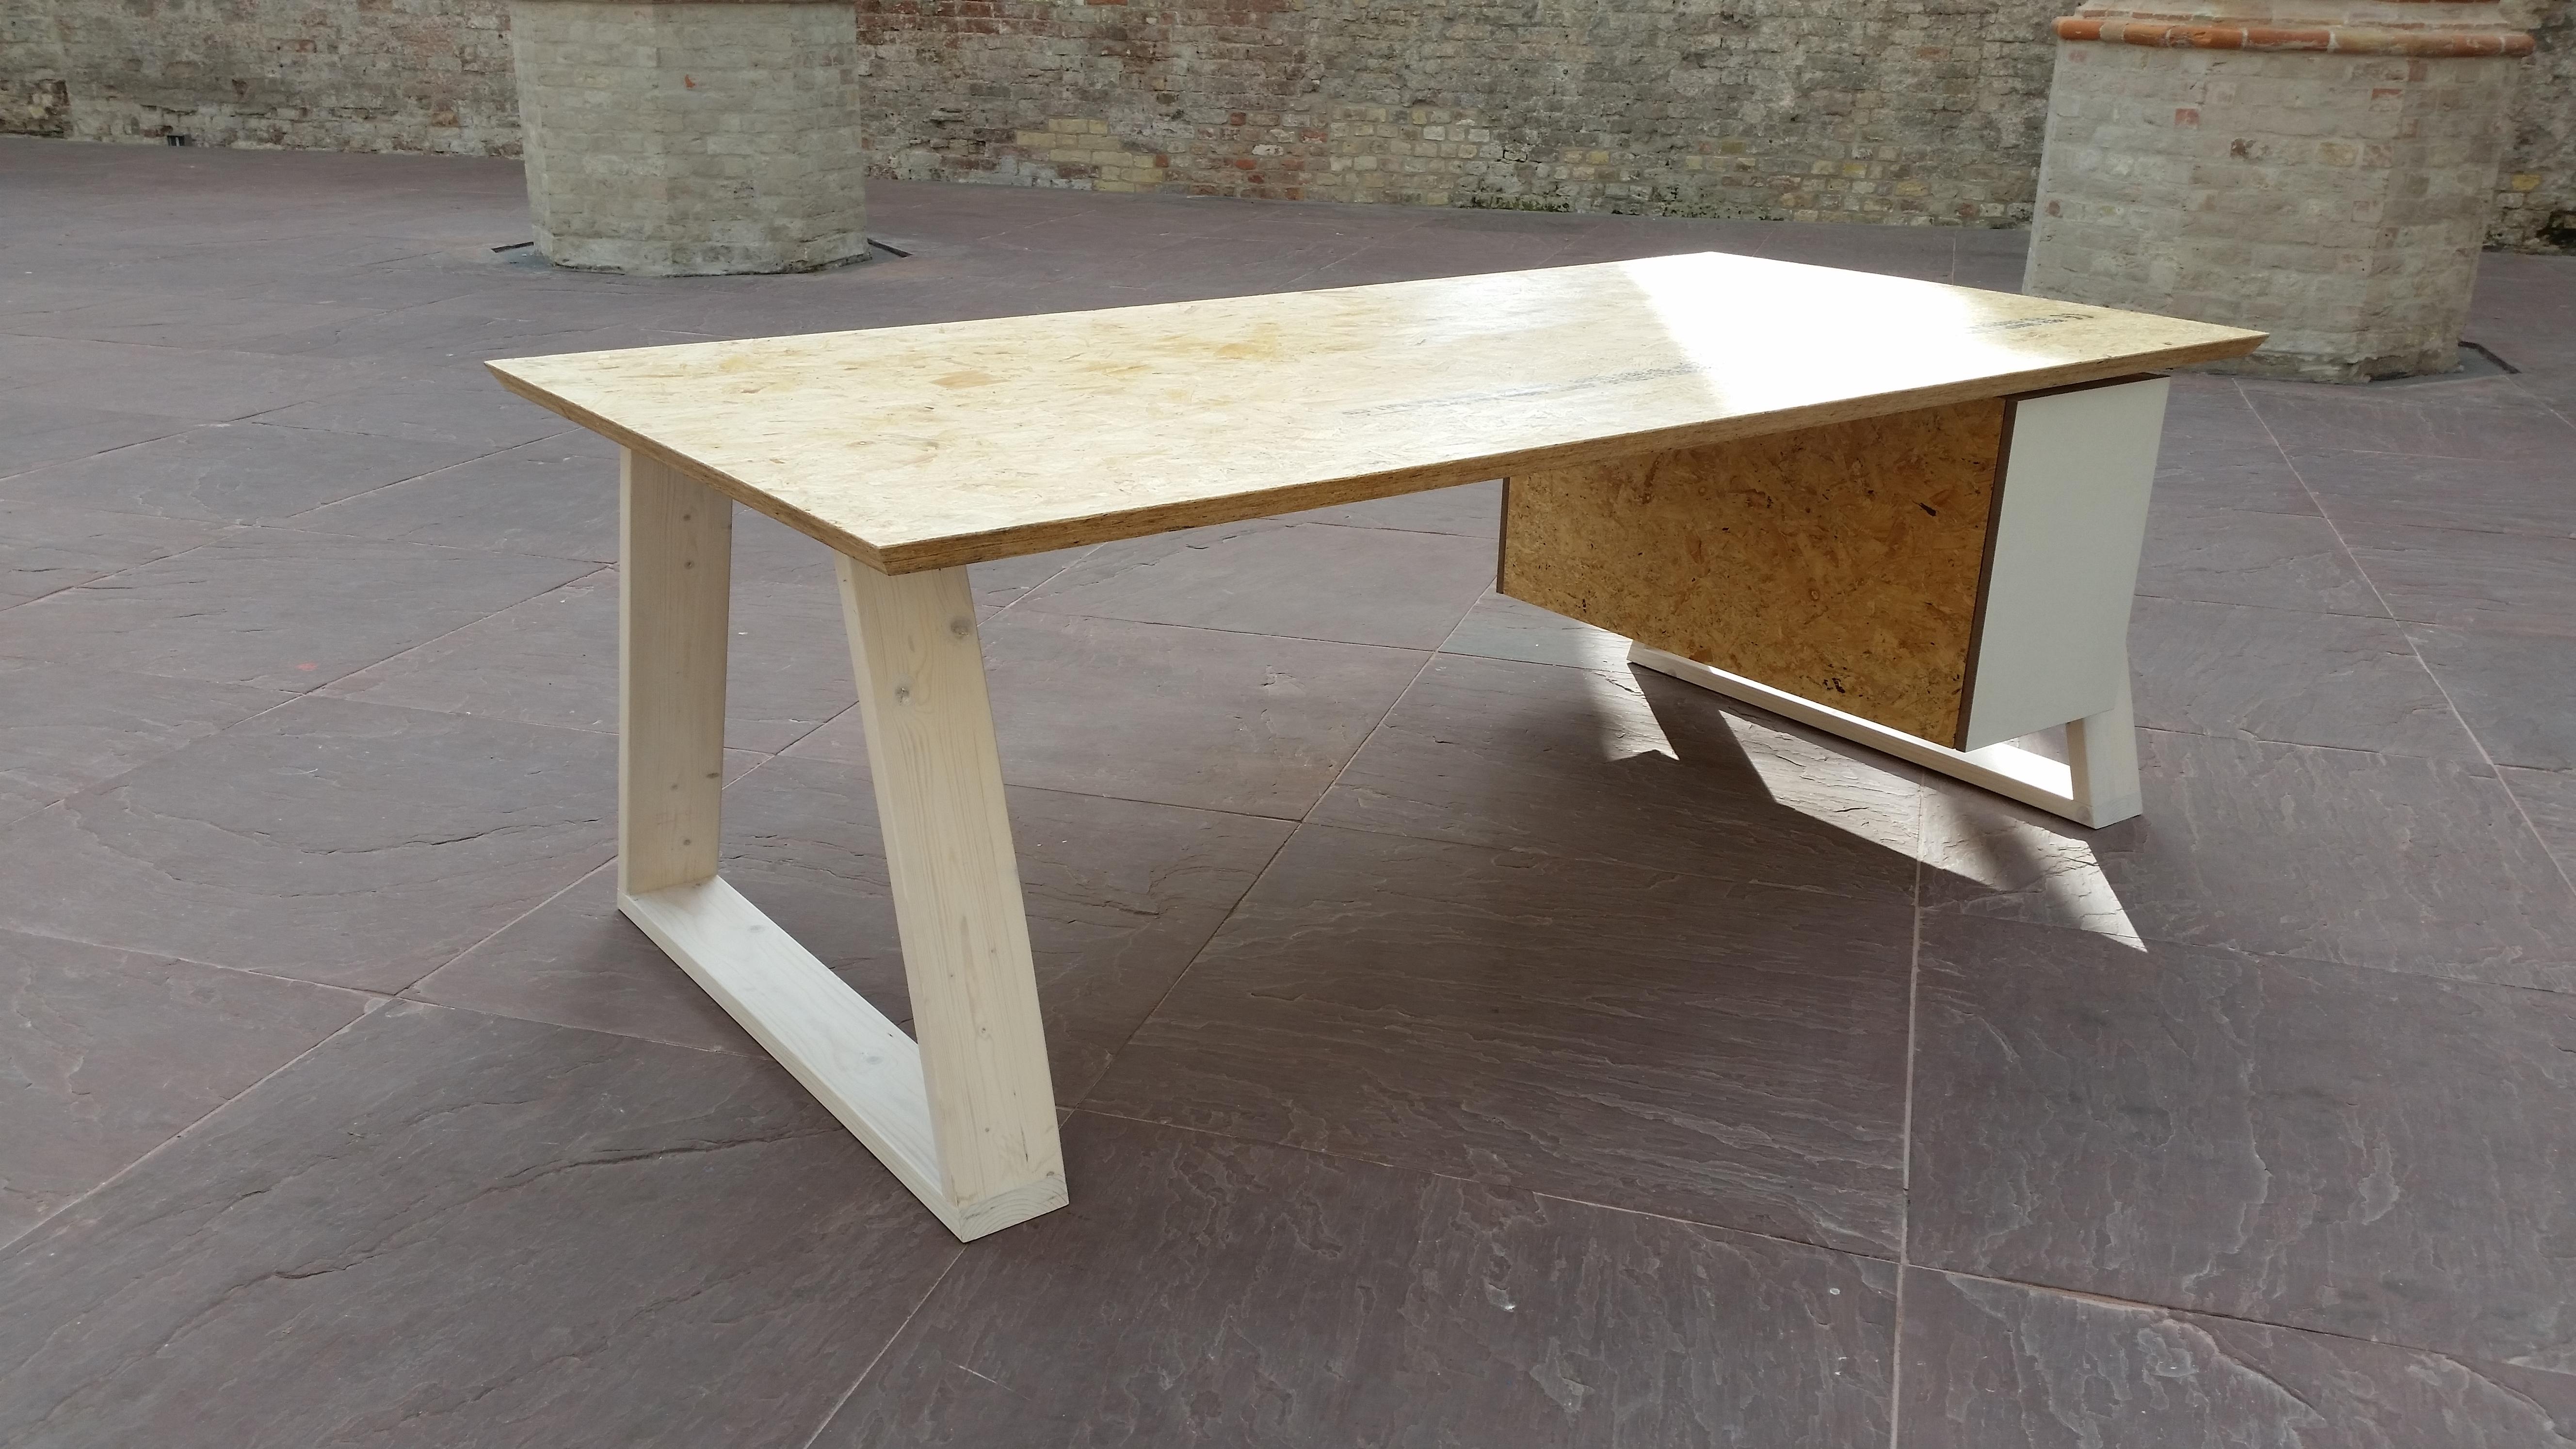 Design Meubels Houten : Hout van design betaalbare meubels op maat friesland groningen holland